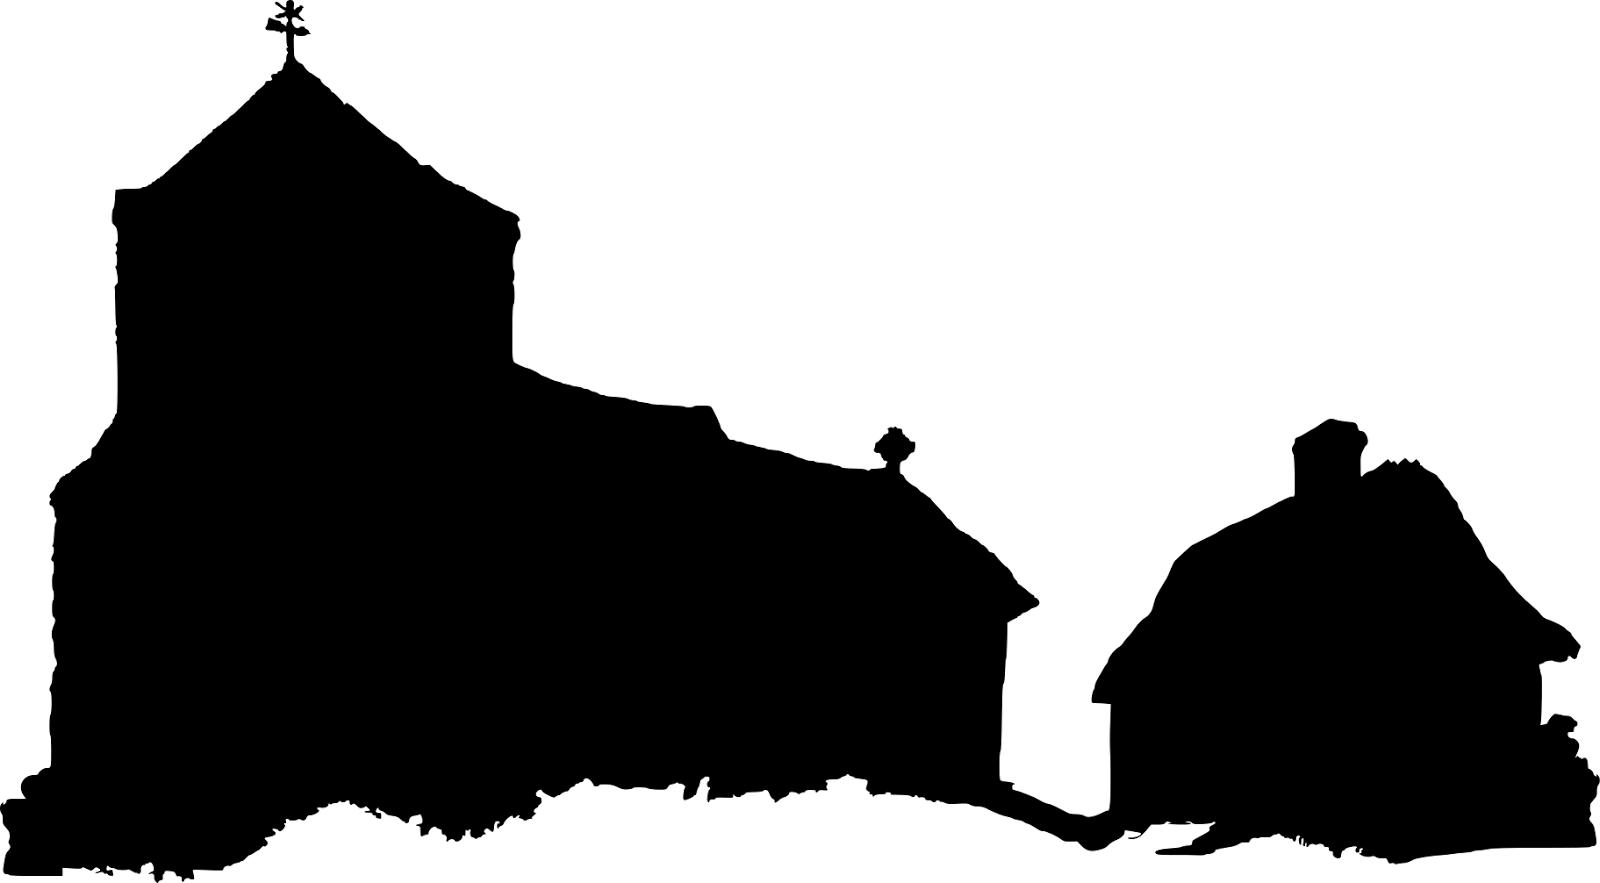 1600x883 Church Silhouette Vector